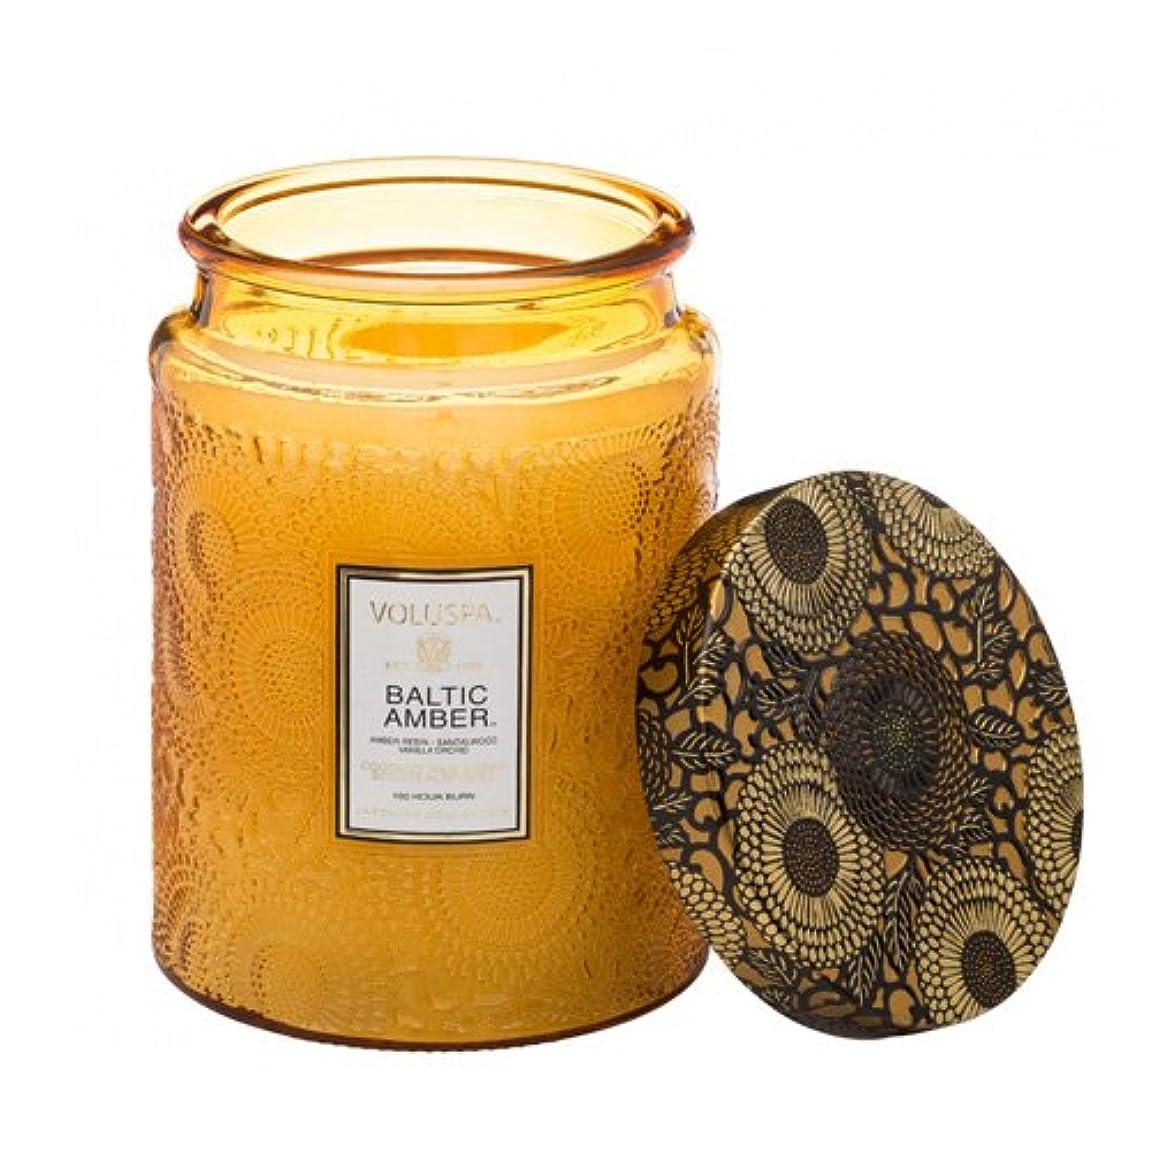 シロクマ療法ラフトVoluspa ボルスパ ジャポニカ リミテッド グラスジャーキャンドル  L バルティックアンバー BALTIC AMBER JAPONICA Limited LARGE EMBOSSED Glass jar candle